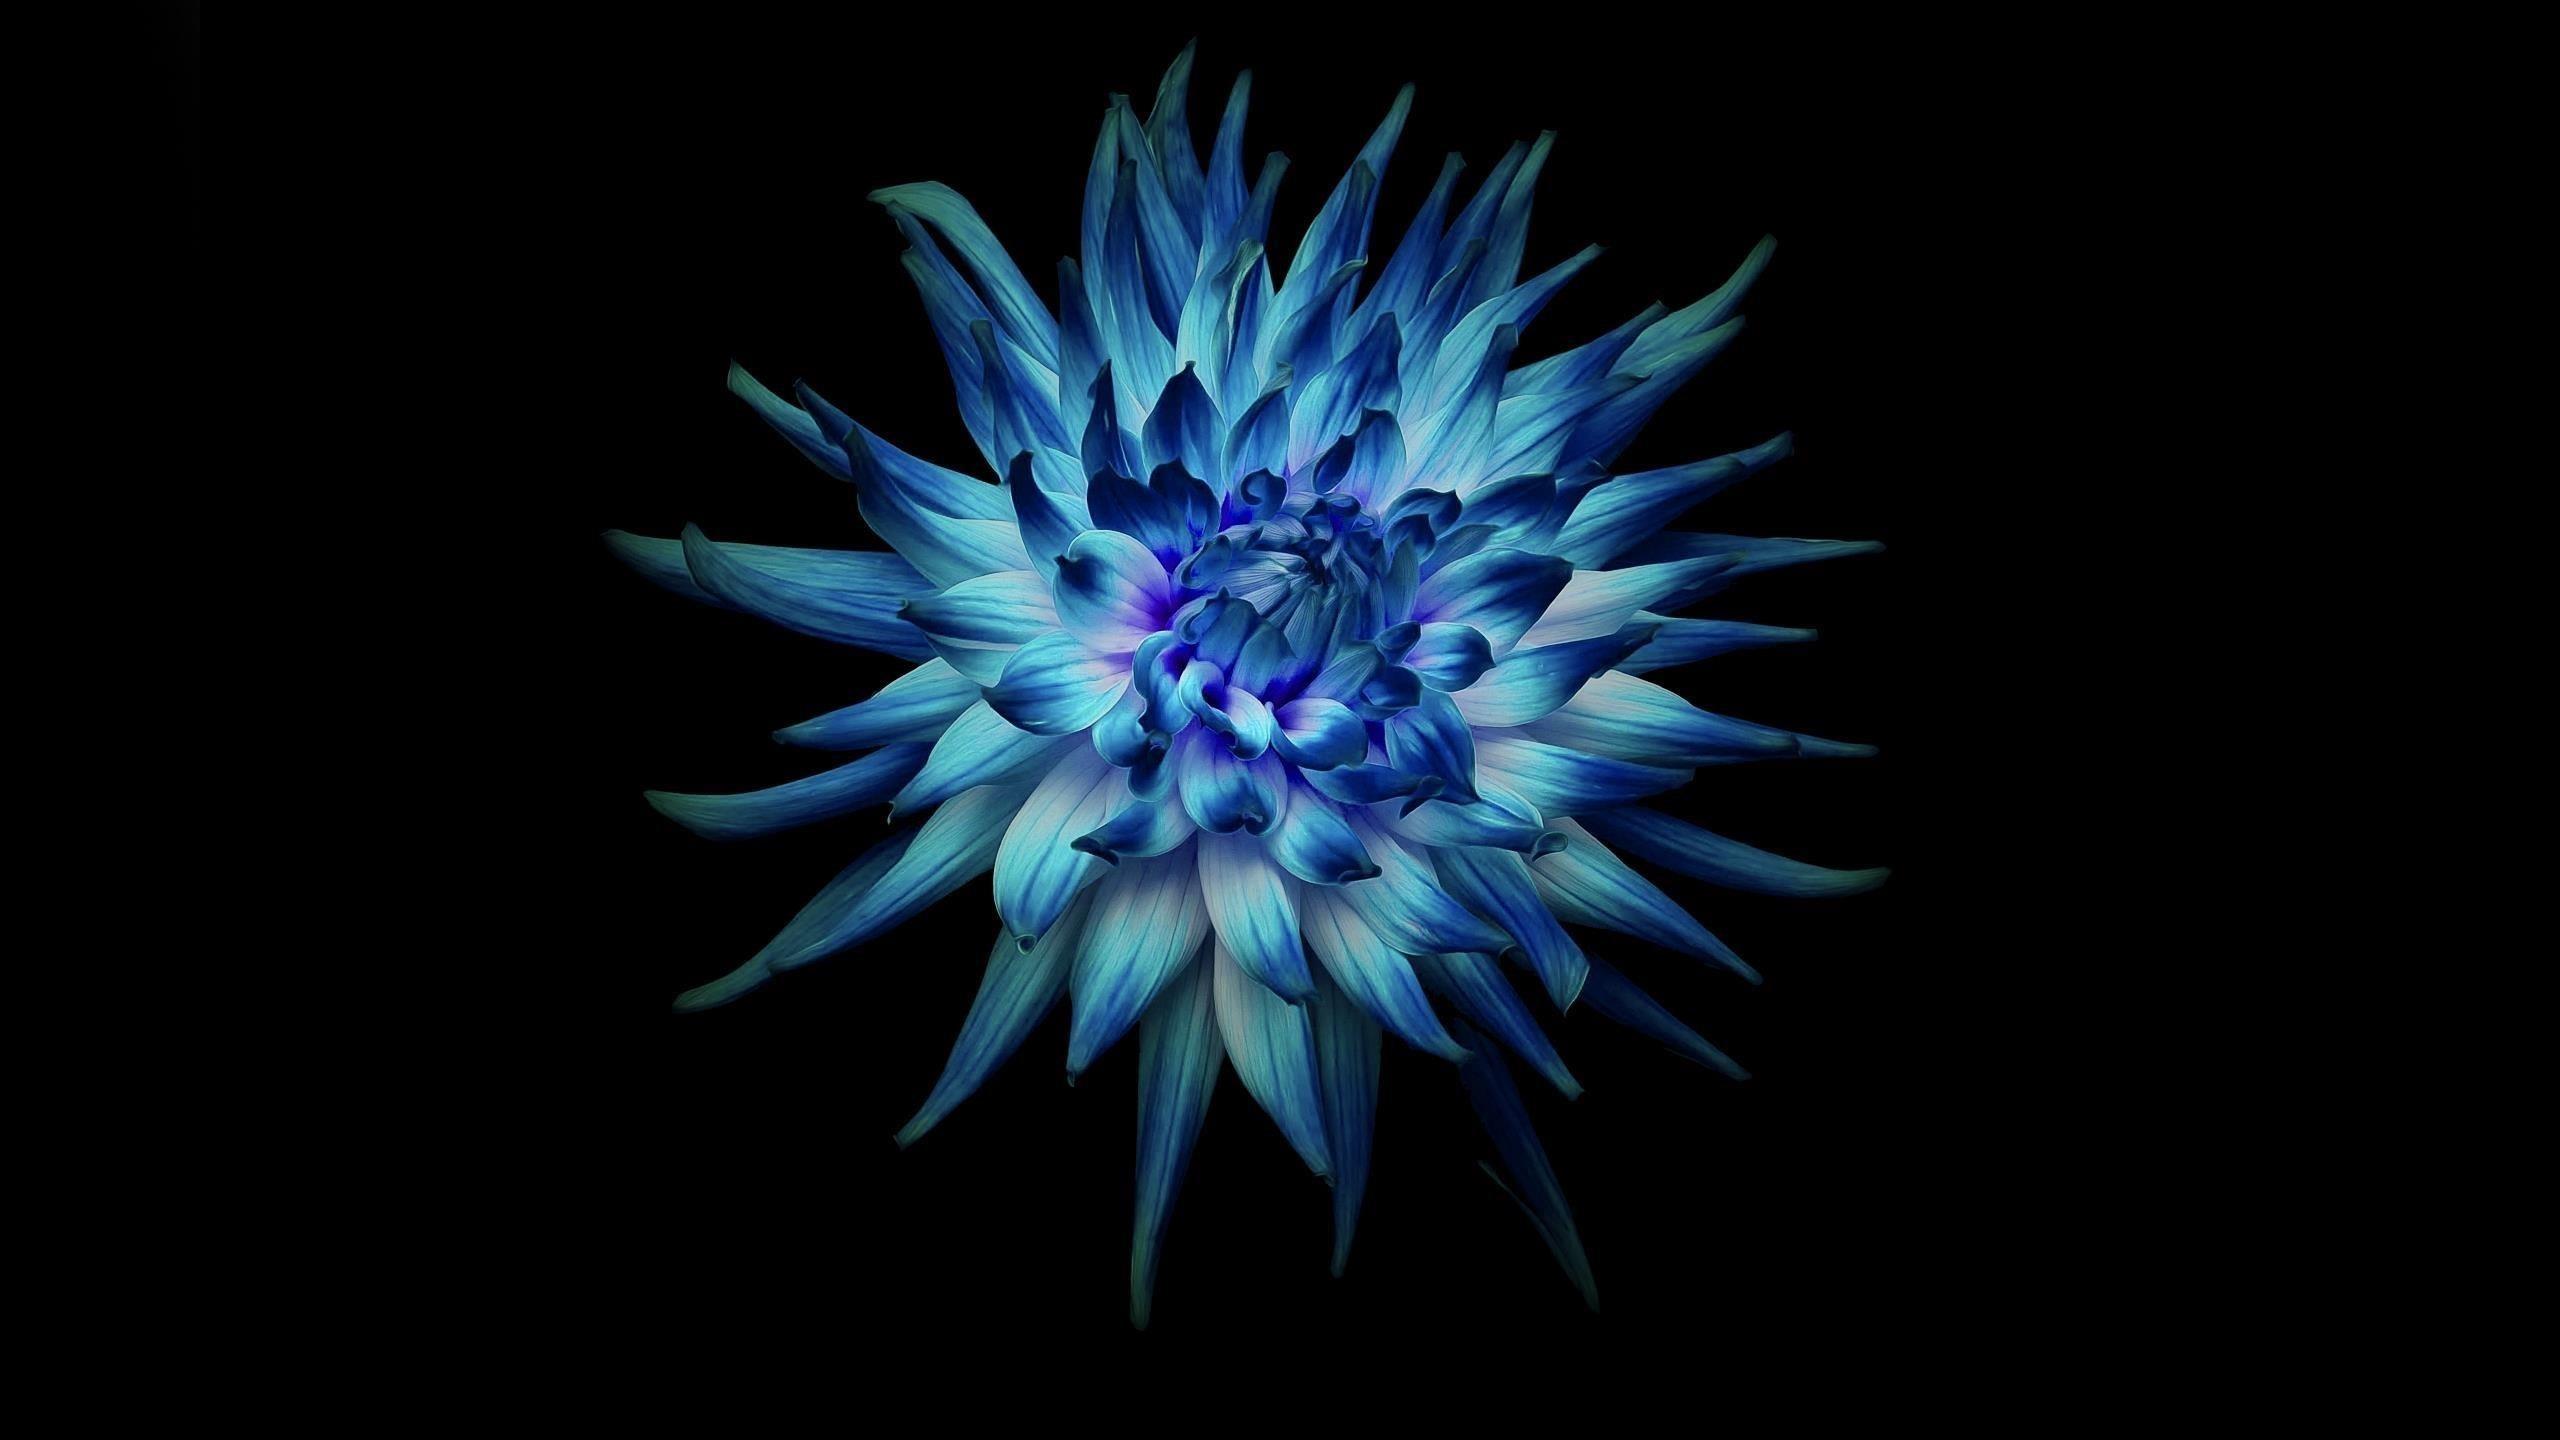 Цветок на темном фоне обои скачать